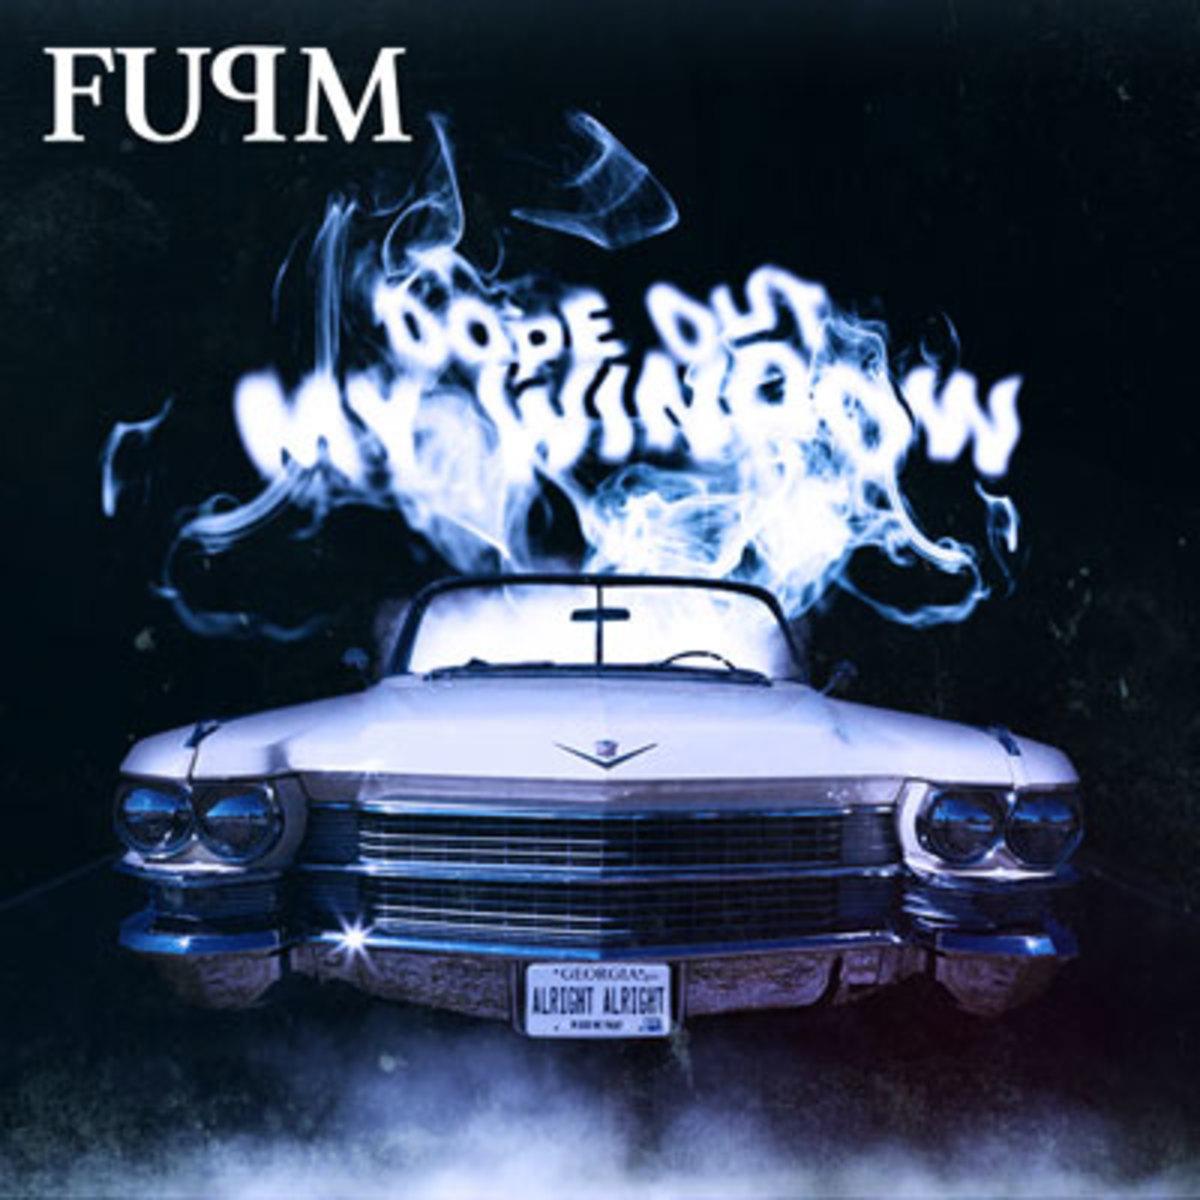 fupm-dopeoutmywindow.jpg